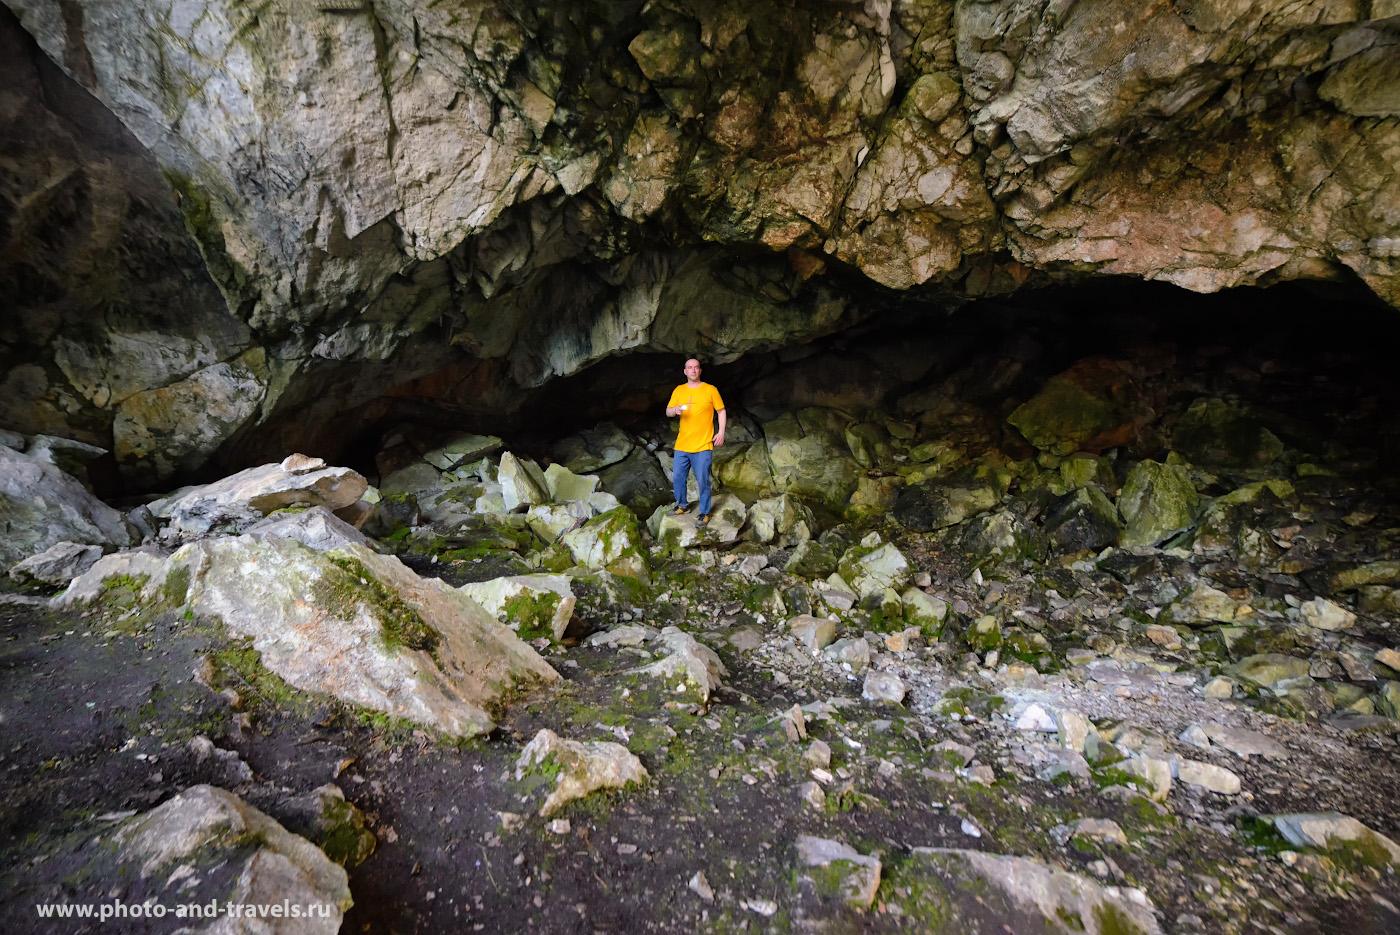 30. Грот в Большой Аракаевской пещере. Как её найти самостоятельно. Снято на Nikon D610 + Samyang 14mm f/2.8. Освещение от 2-х вспышек. Камера на штативе.